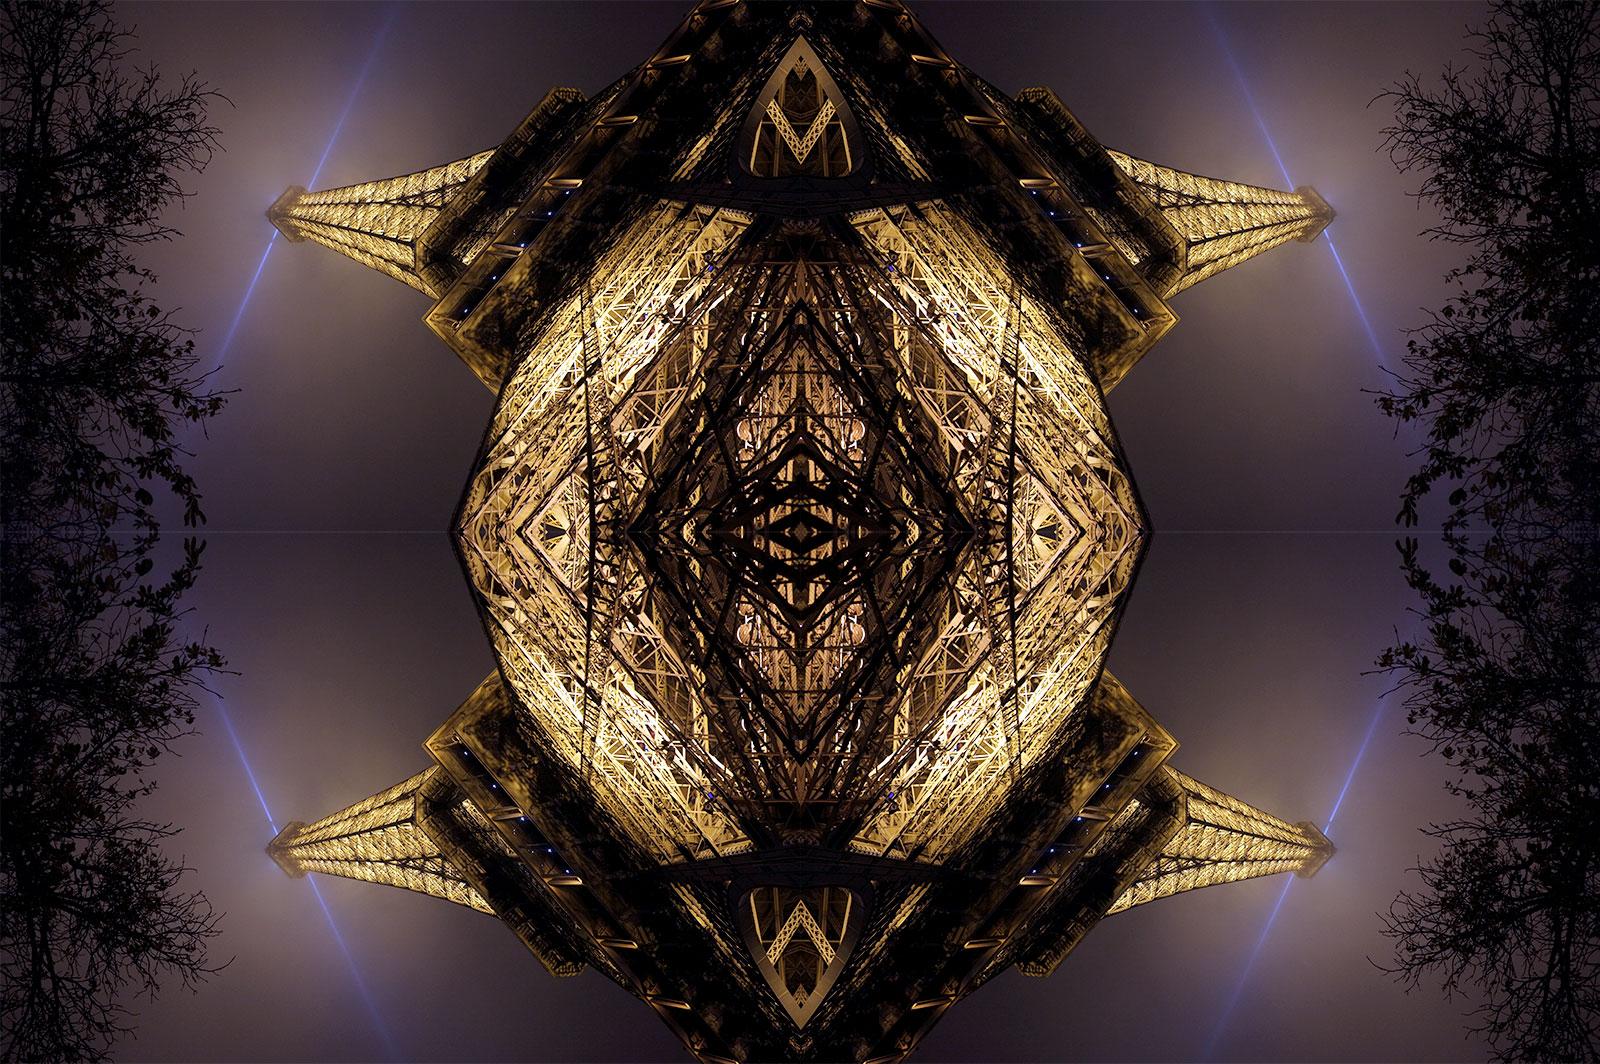 DSCF4164-mirror-web.jpg